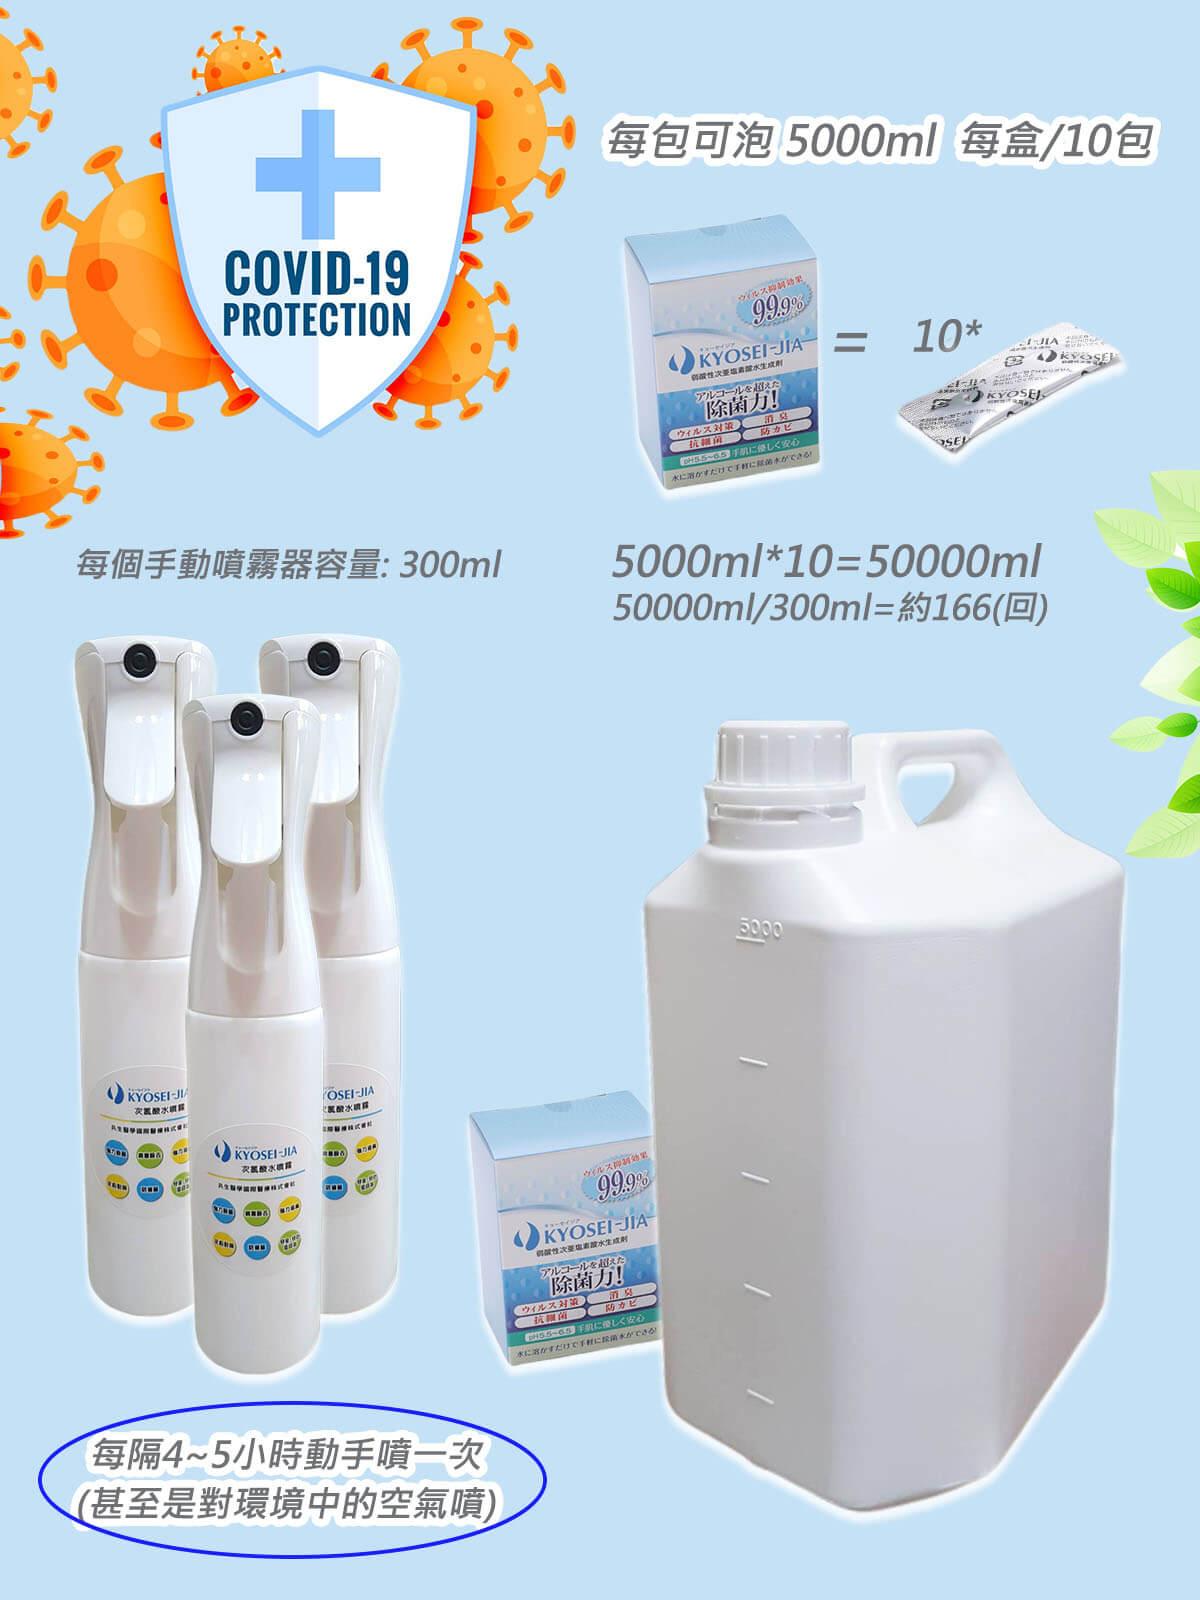 日本製KYOSEI-JIA微酸性次氯酸水生成劑1盒+300ml手動噴霧瓶*3+5000ml容器